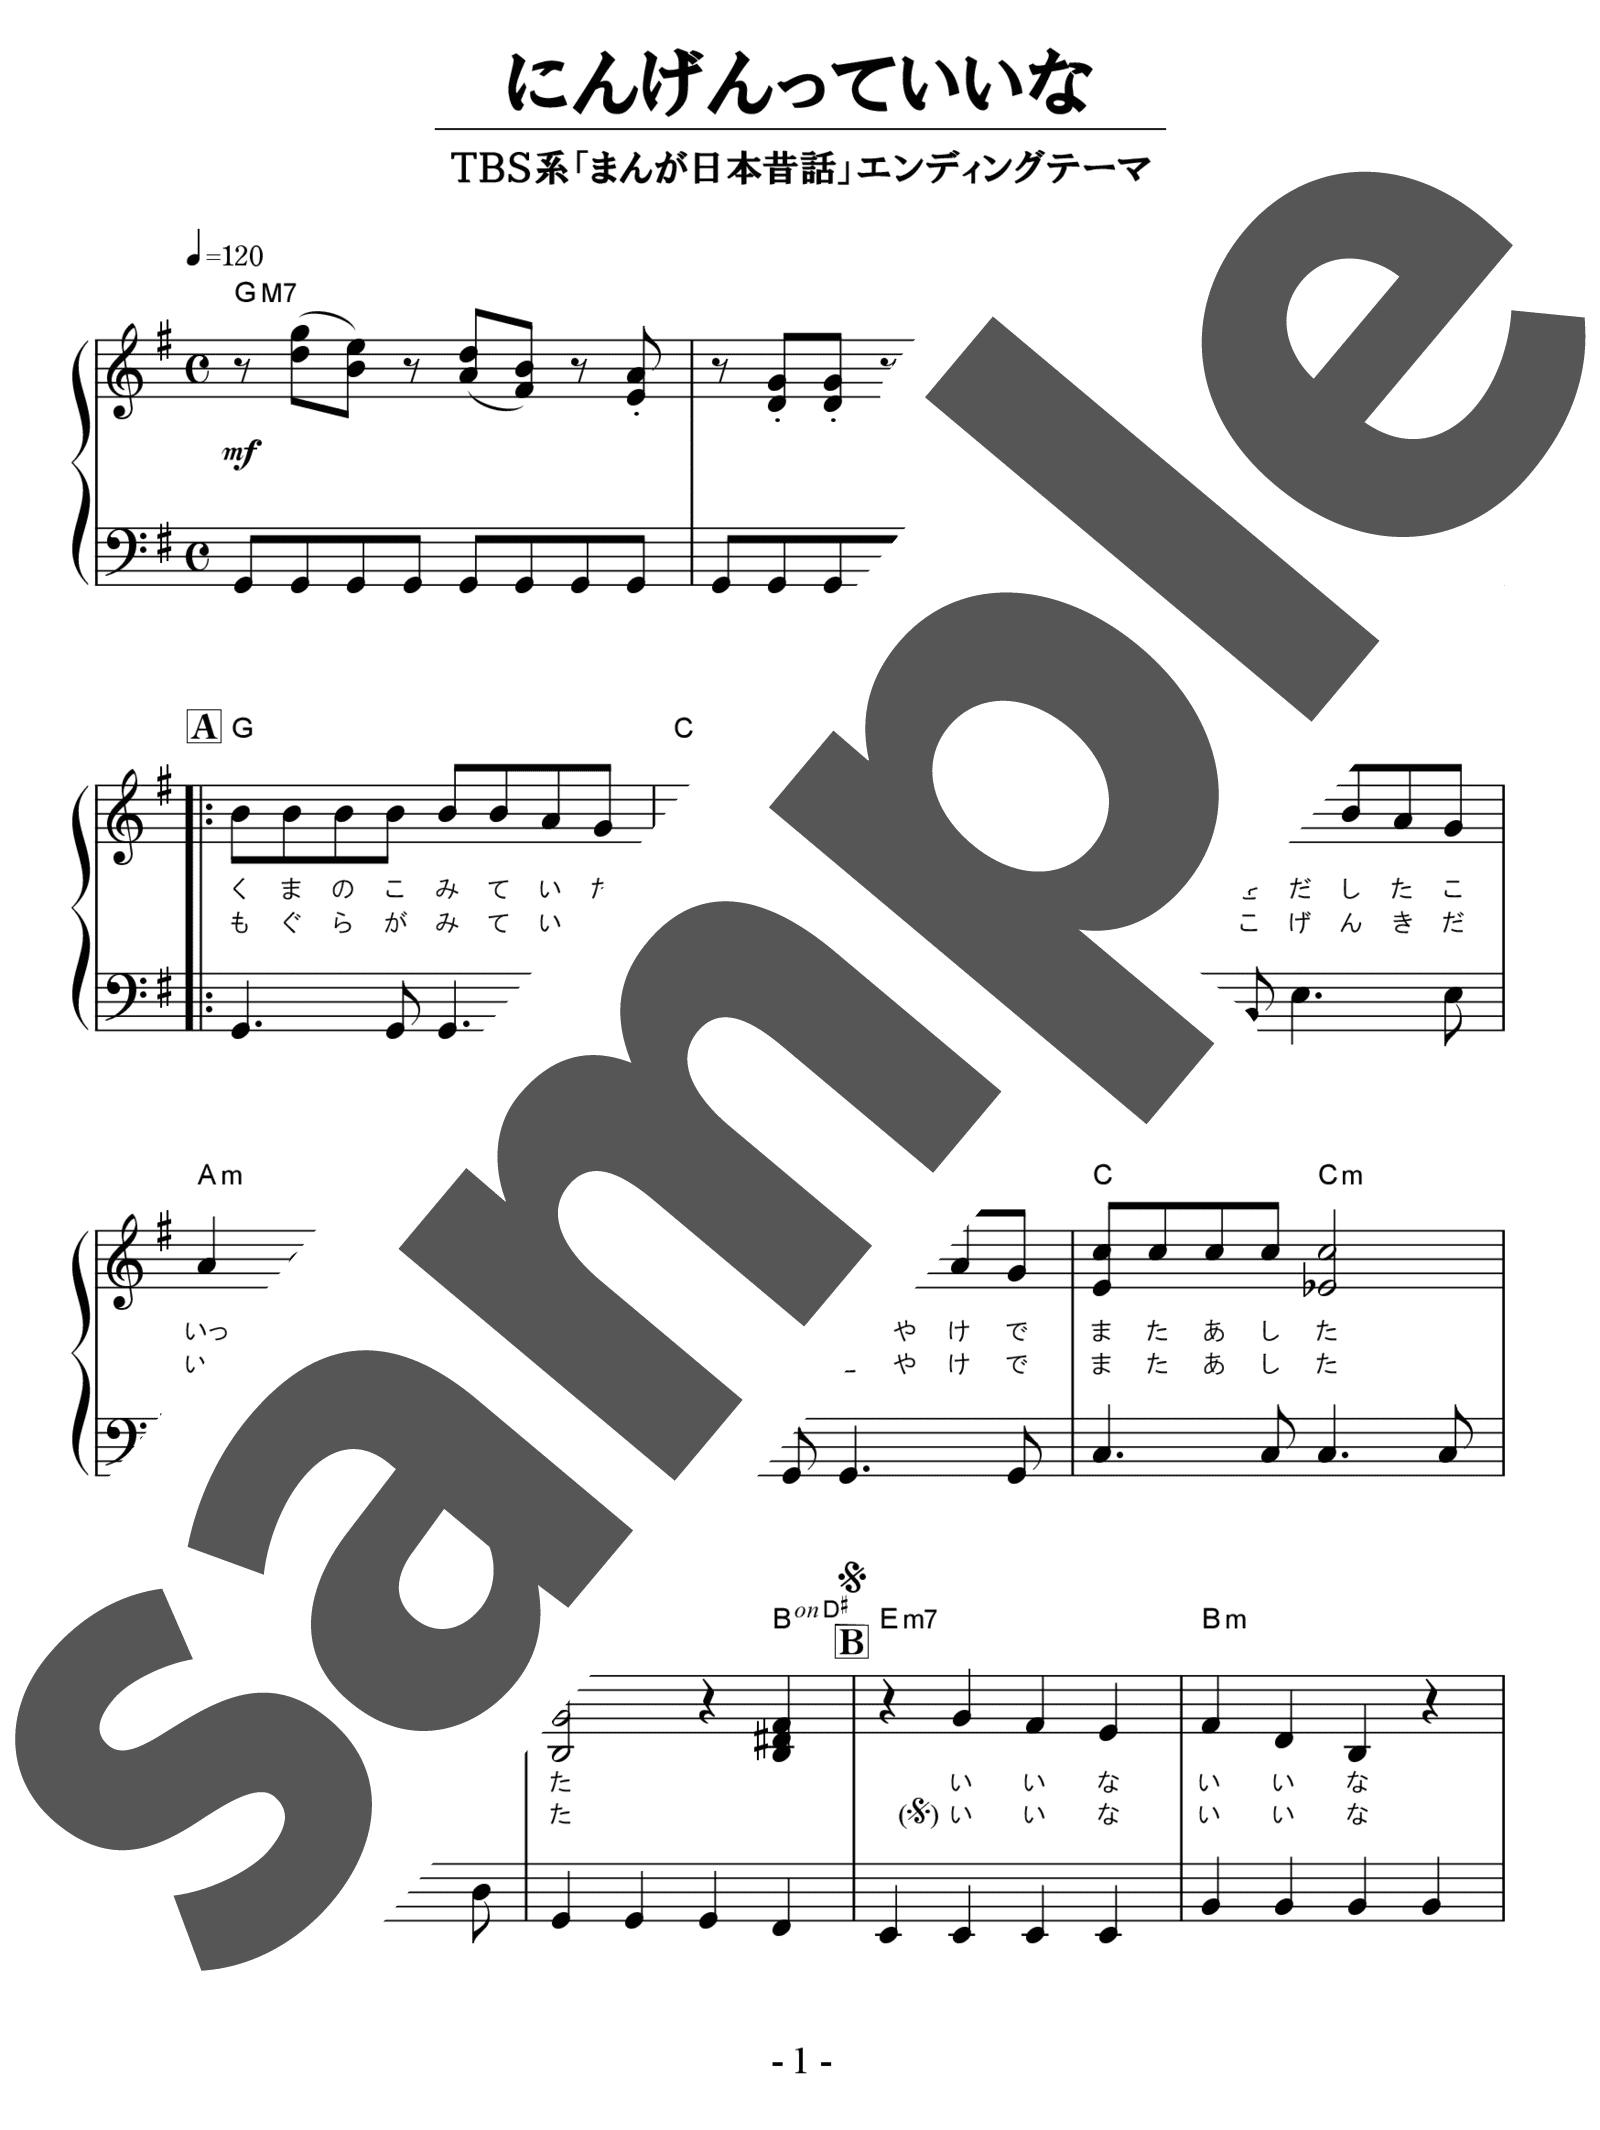 「にんげんっていいな」のサンプル楽譜